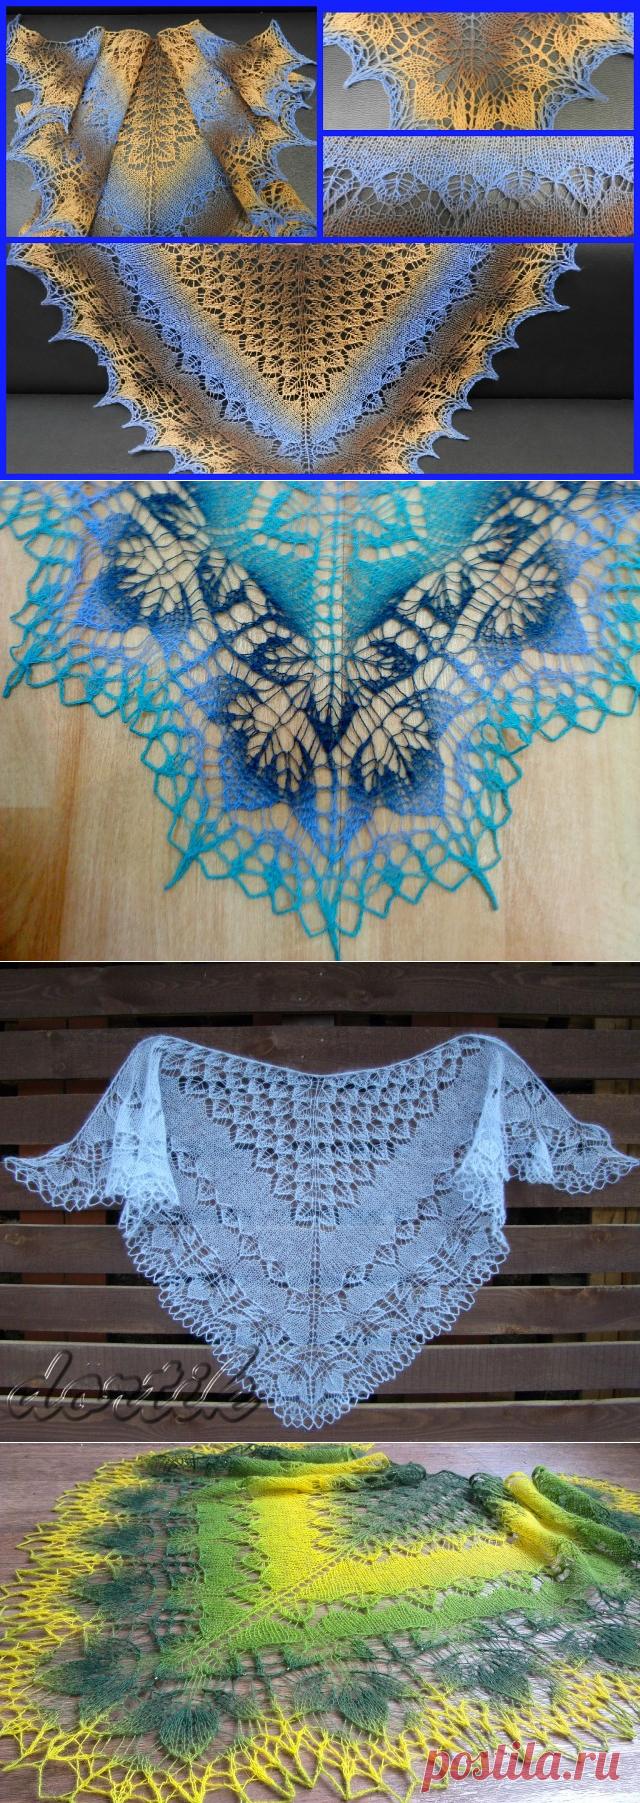 Майская шаль / May Shawl, дизайнер dortik